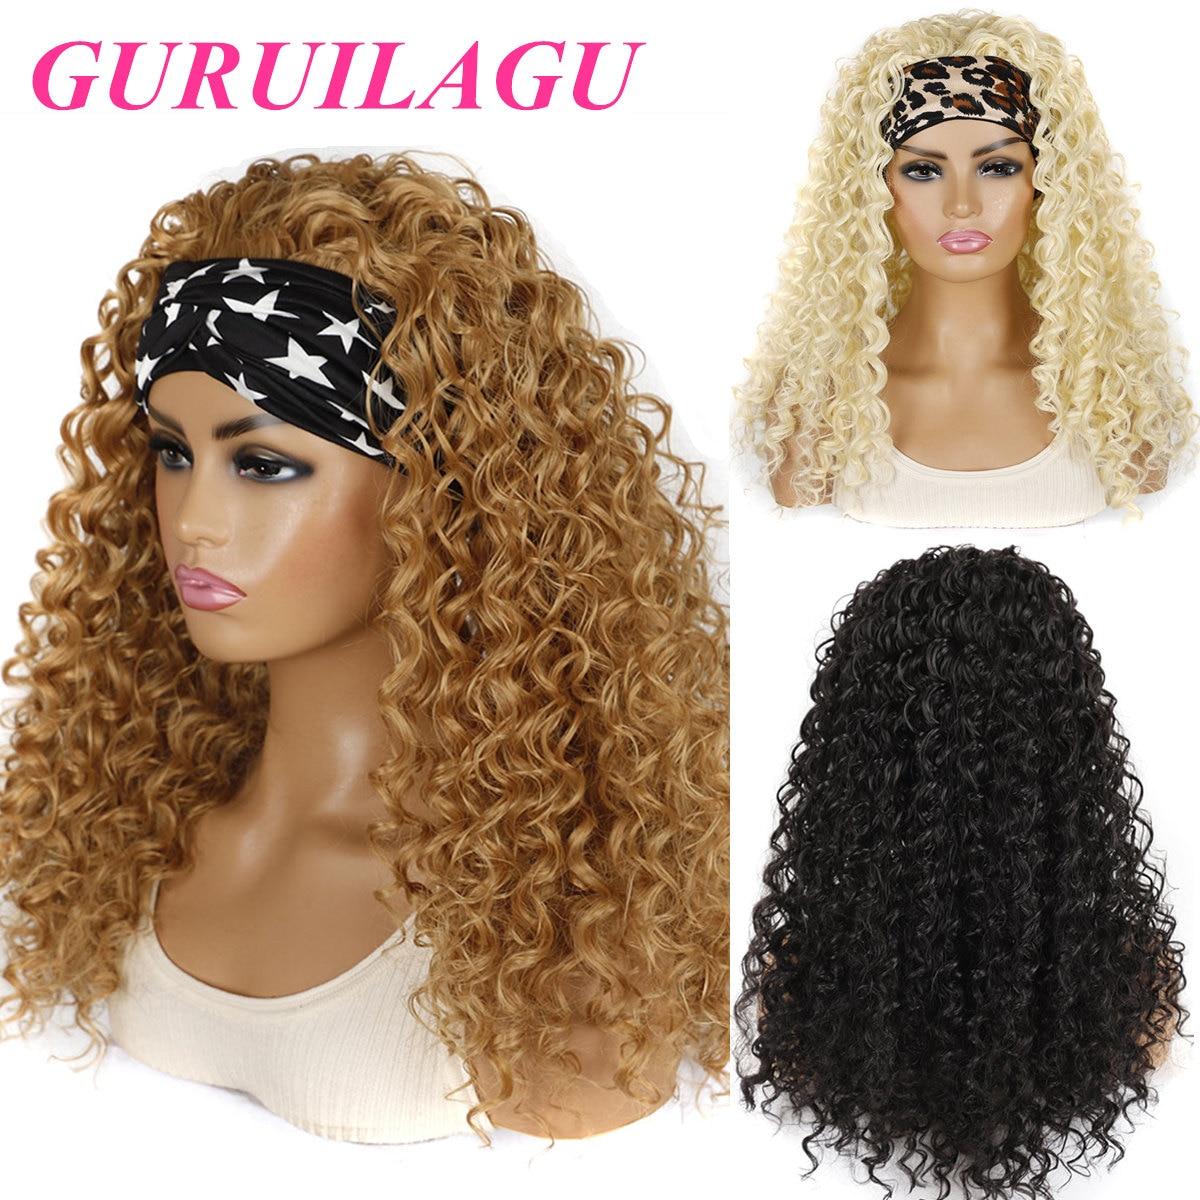 GURUILAGU глубокая волна парик с головной повязкой термостойкие волокна синтетические волосы парик черный/#613/#4/#27 блонд, парик из синтетических ...